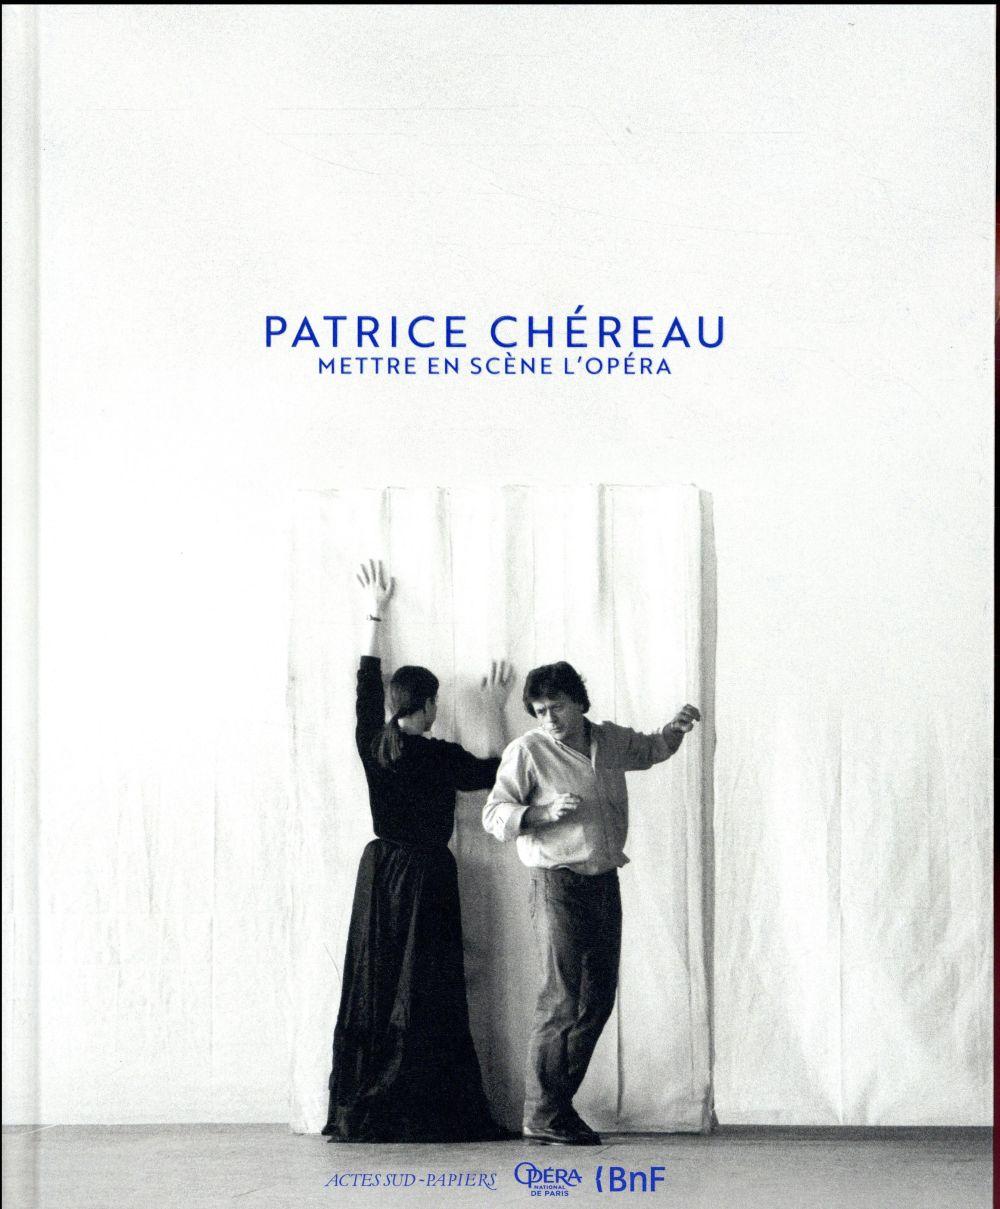 Patrice Chéreau ; mettre en scène l'opéra